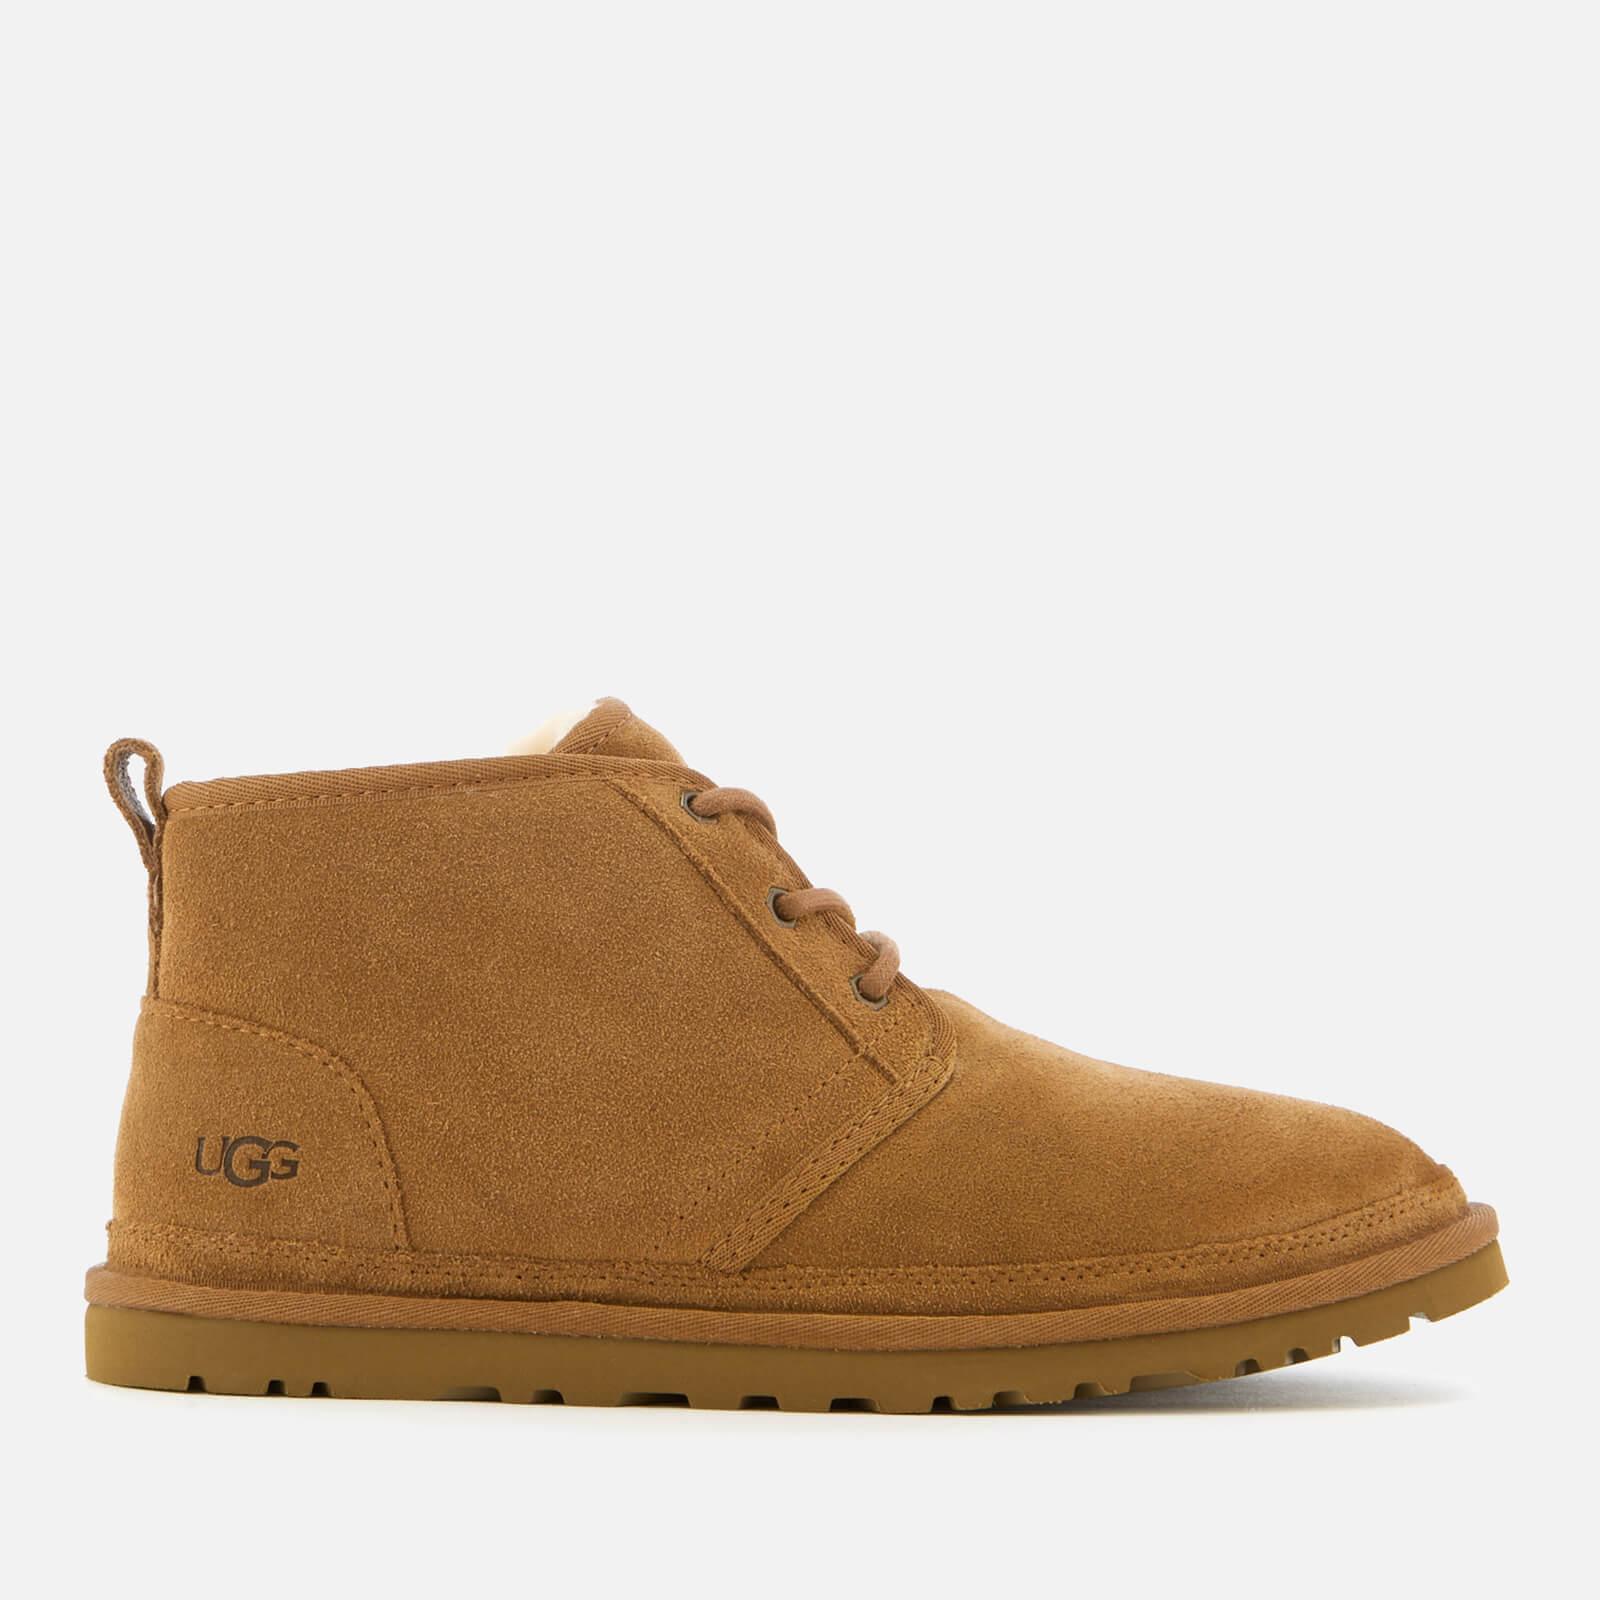 Ugg Mens Neumel Boots Chestnut Uk 7